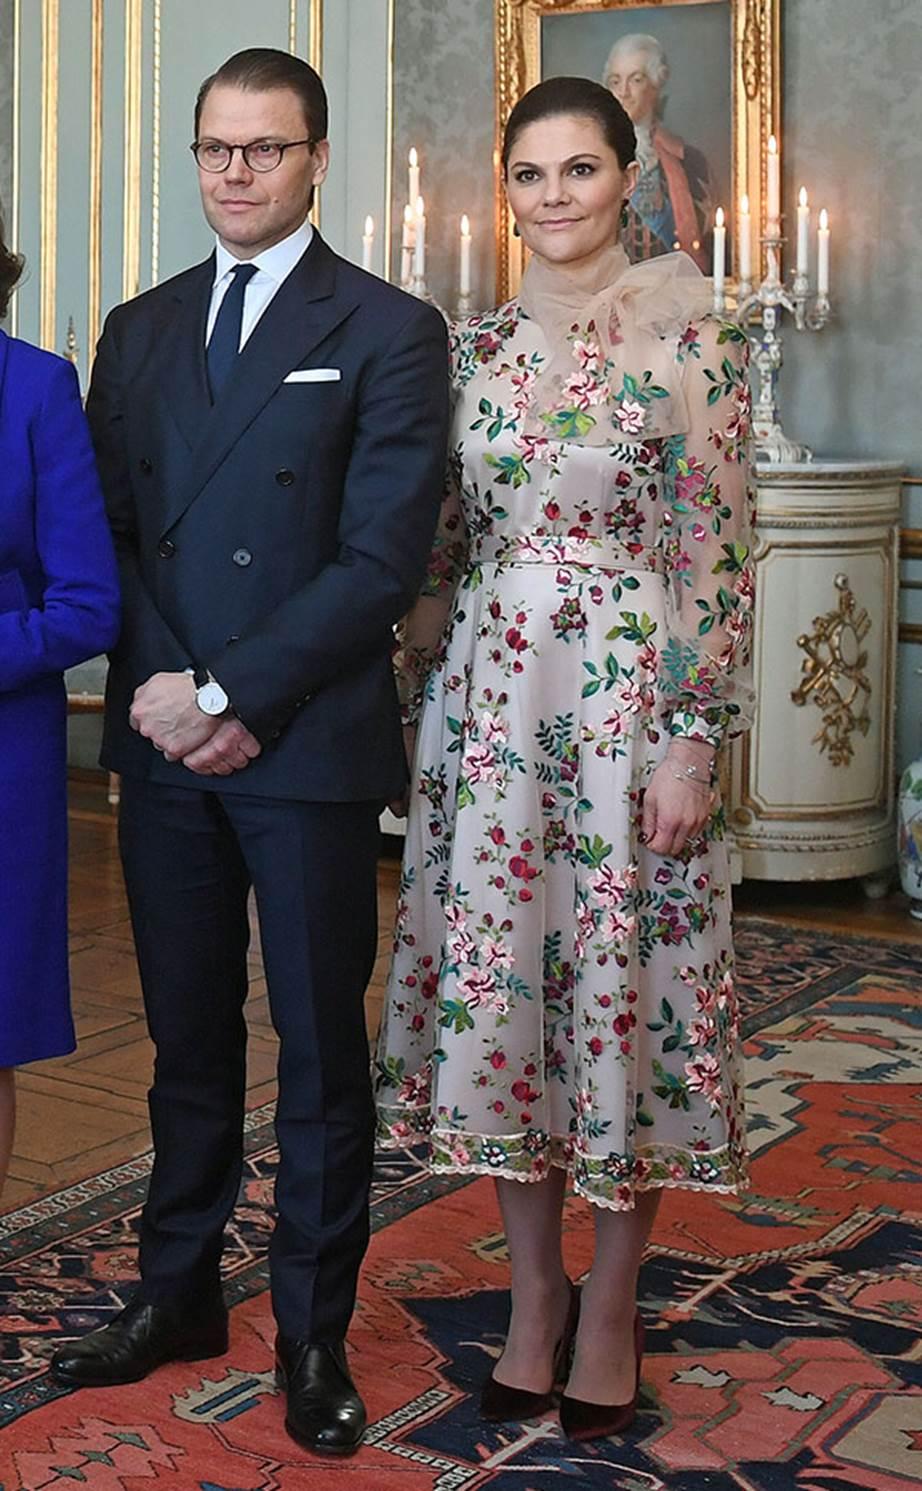 Victoria hercegnő egy svéd tervező, Stylein virágos ruhájában